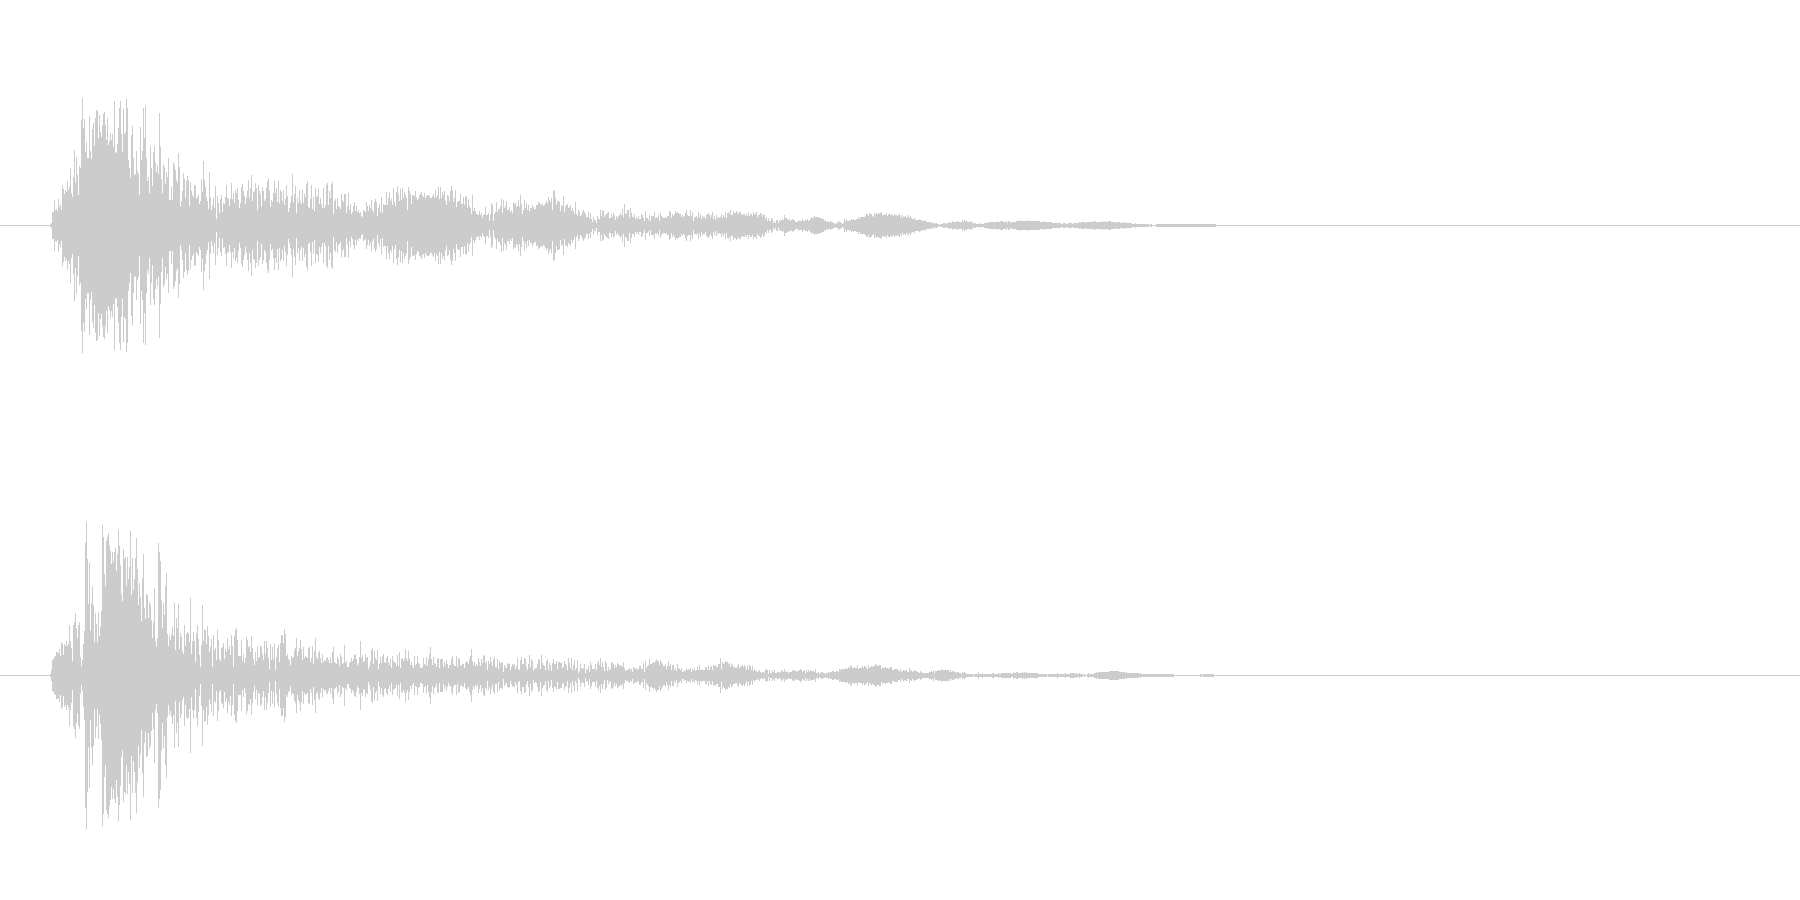 チャッ(着火音のような低音)の未再生の波形